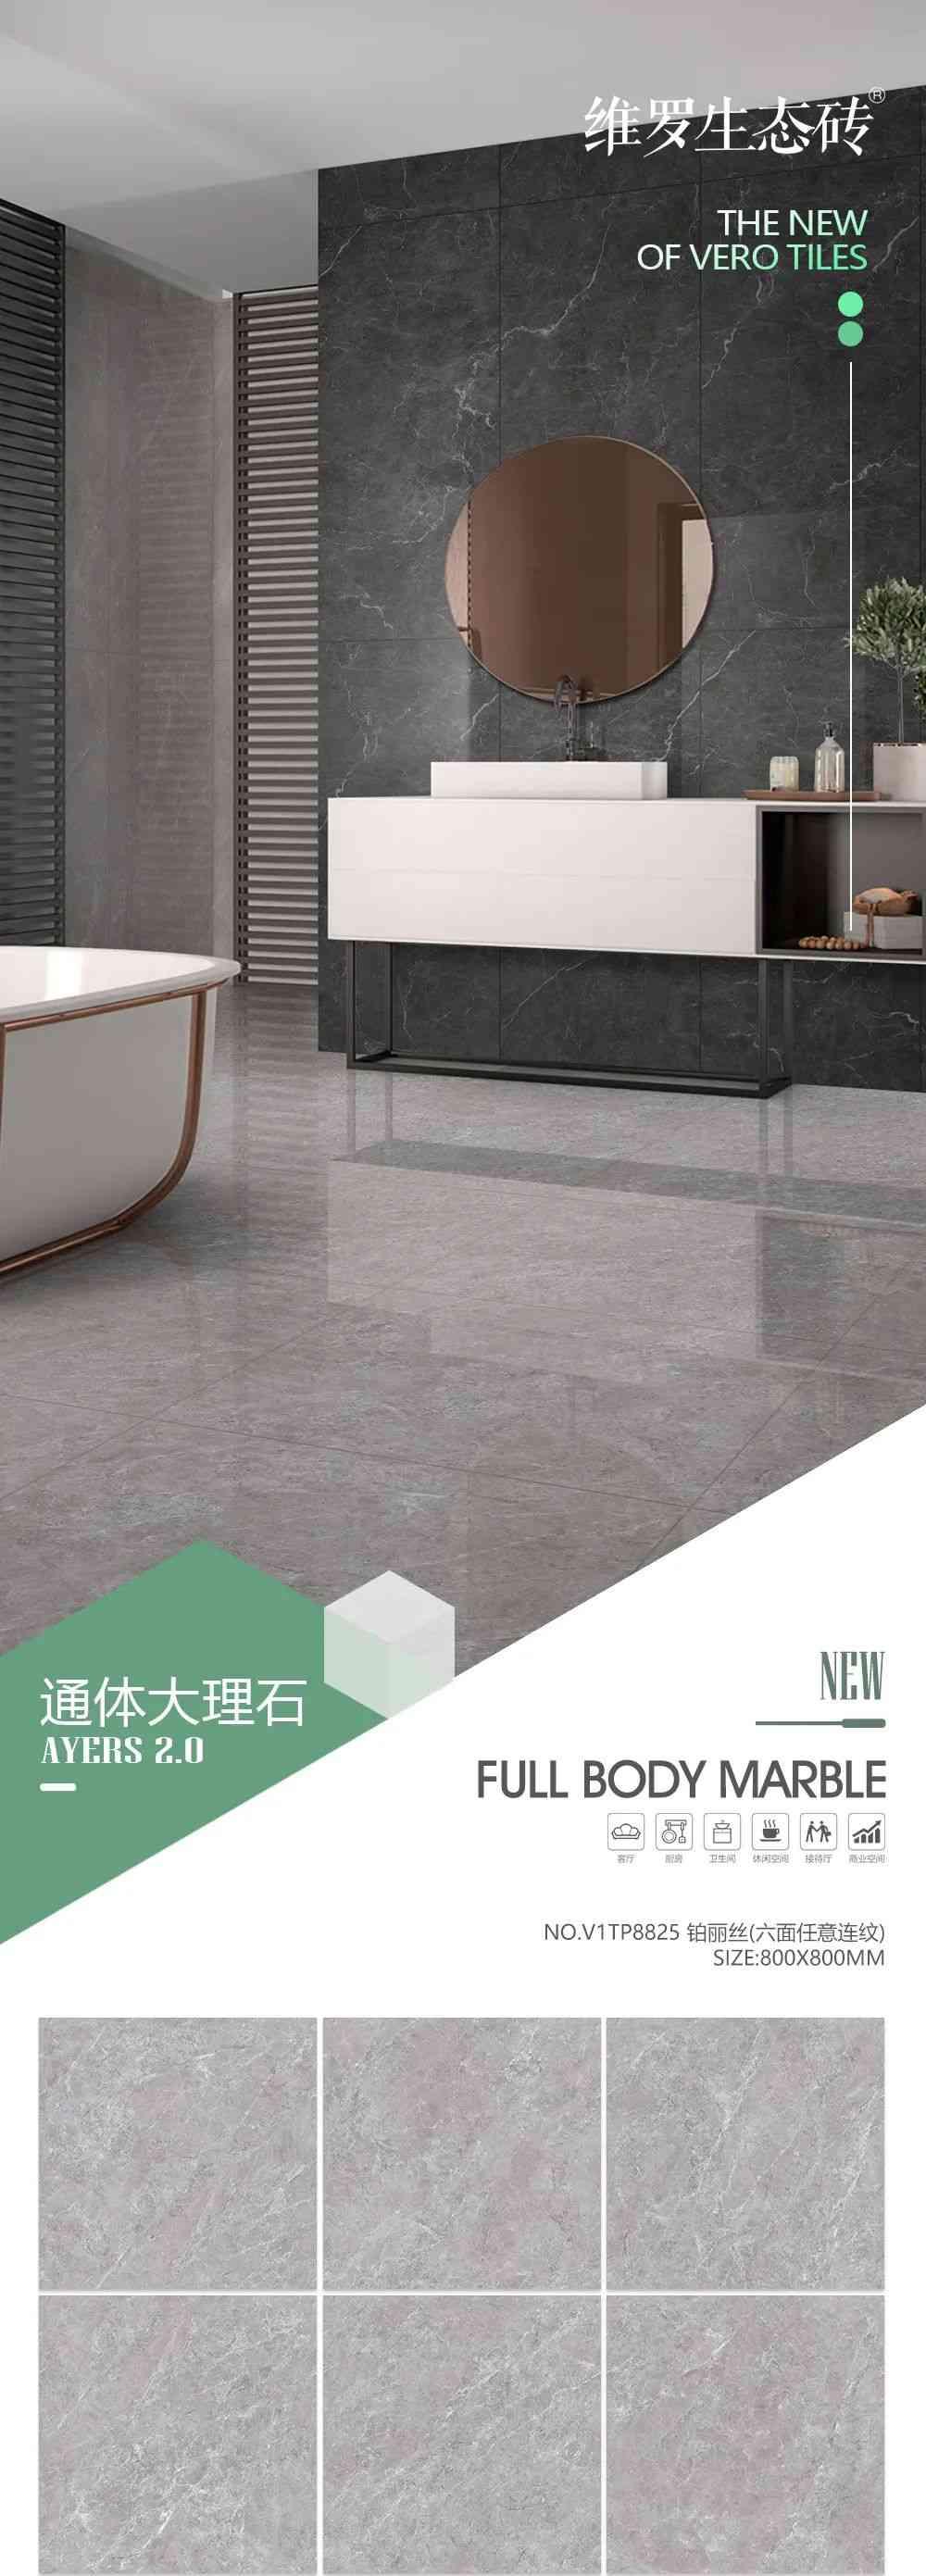 维罗生态砖新品 陶瓷装修效果图_5